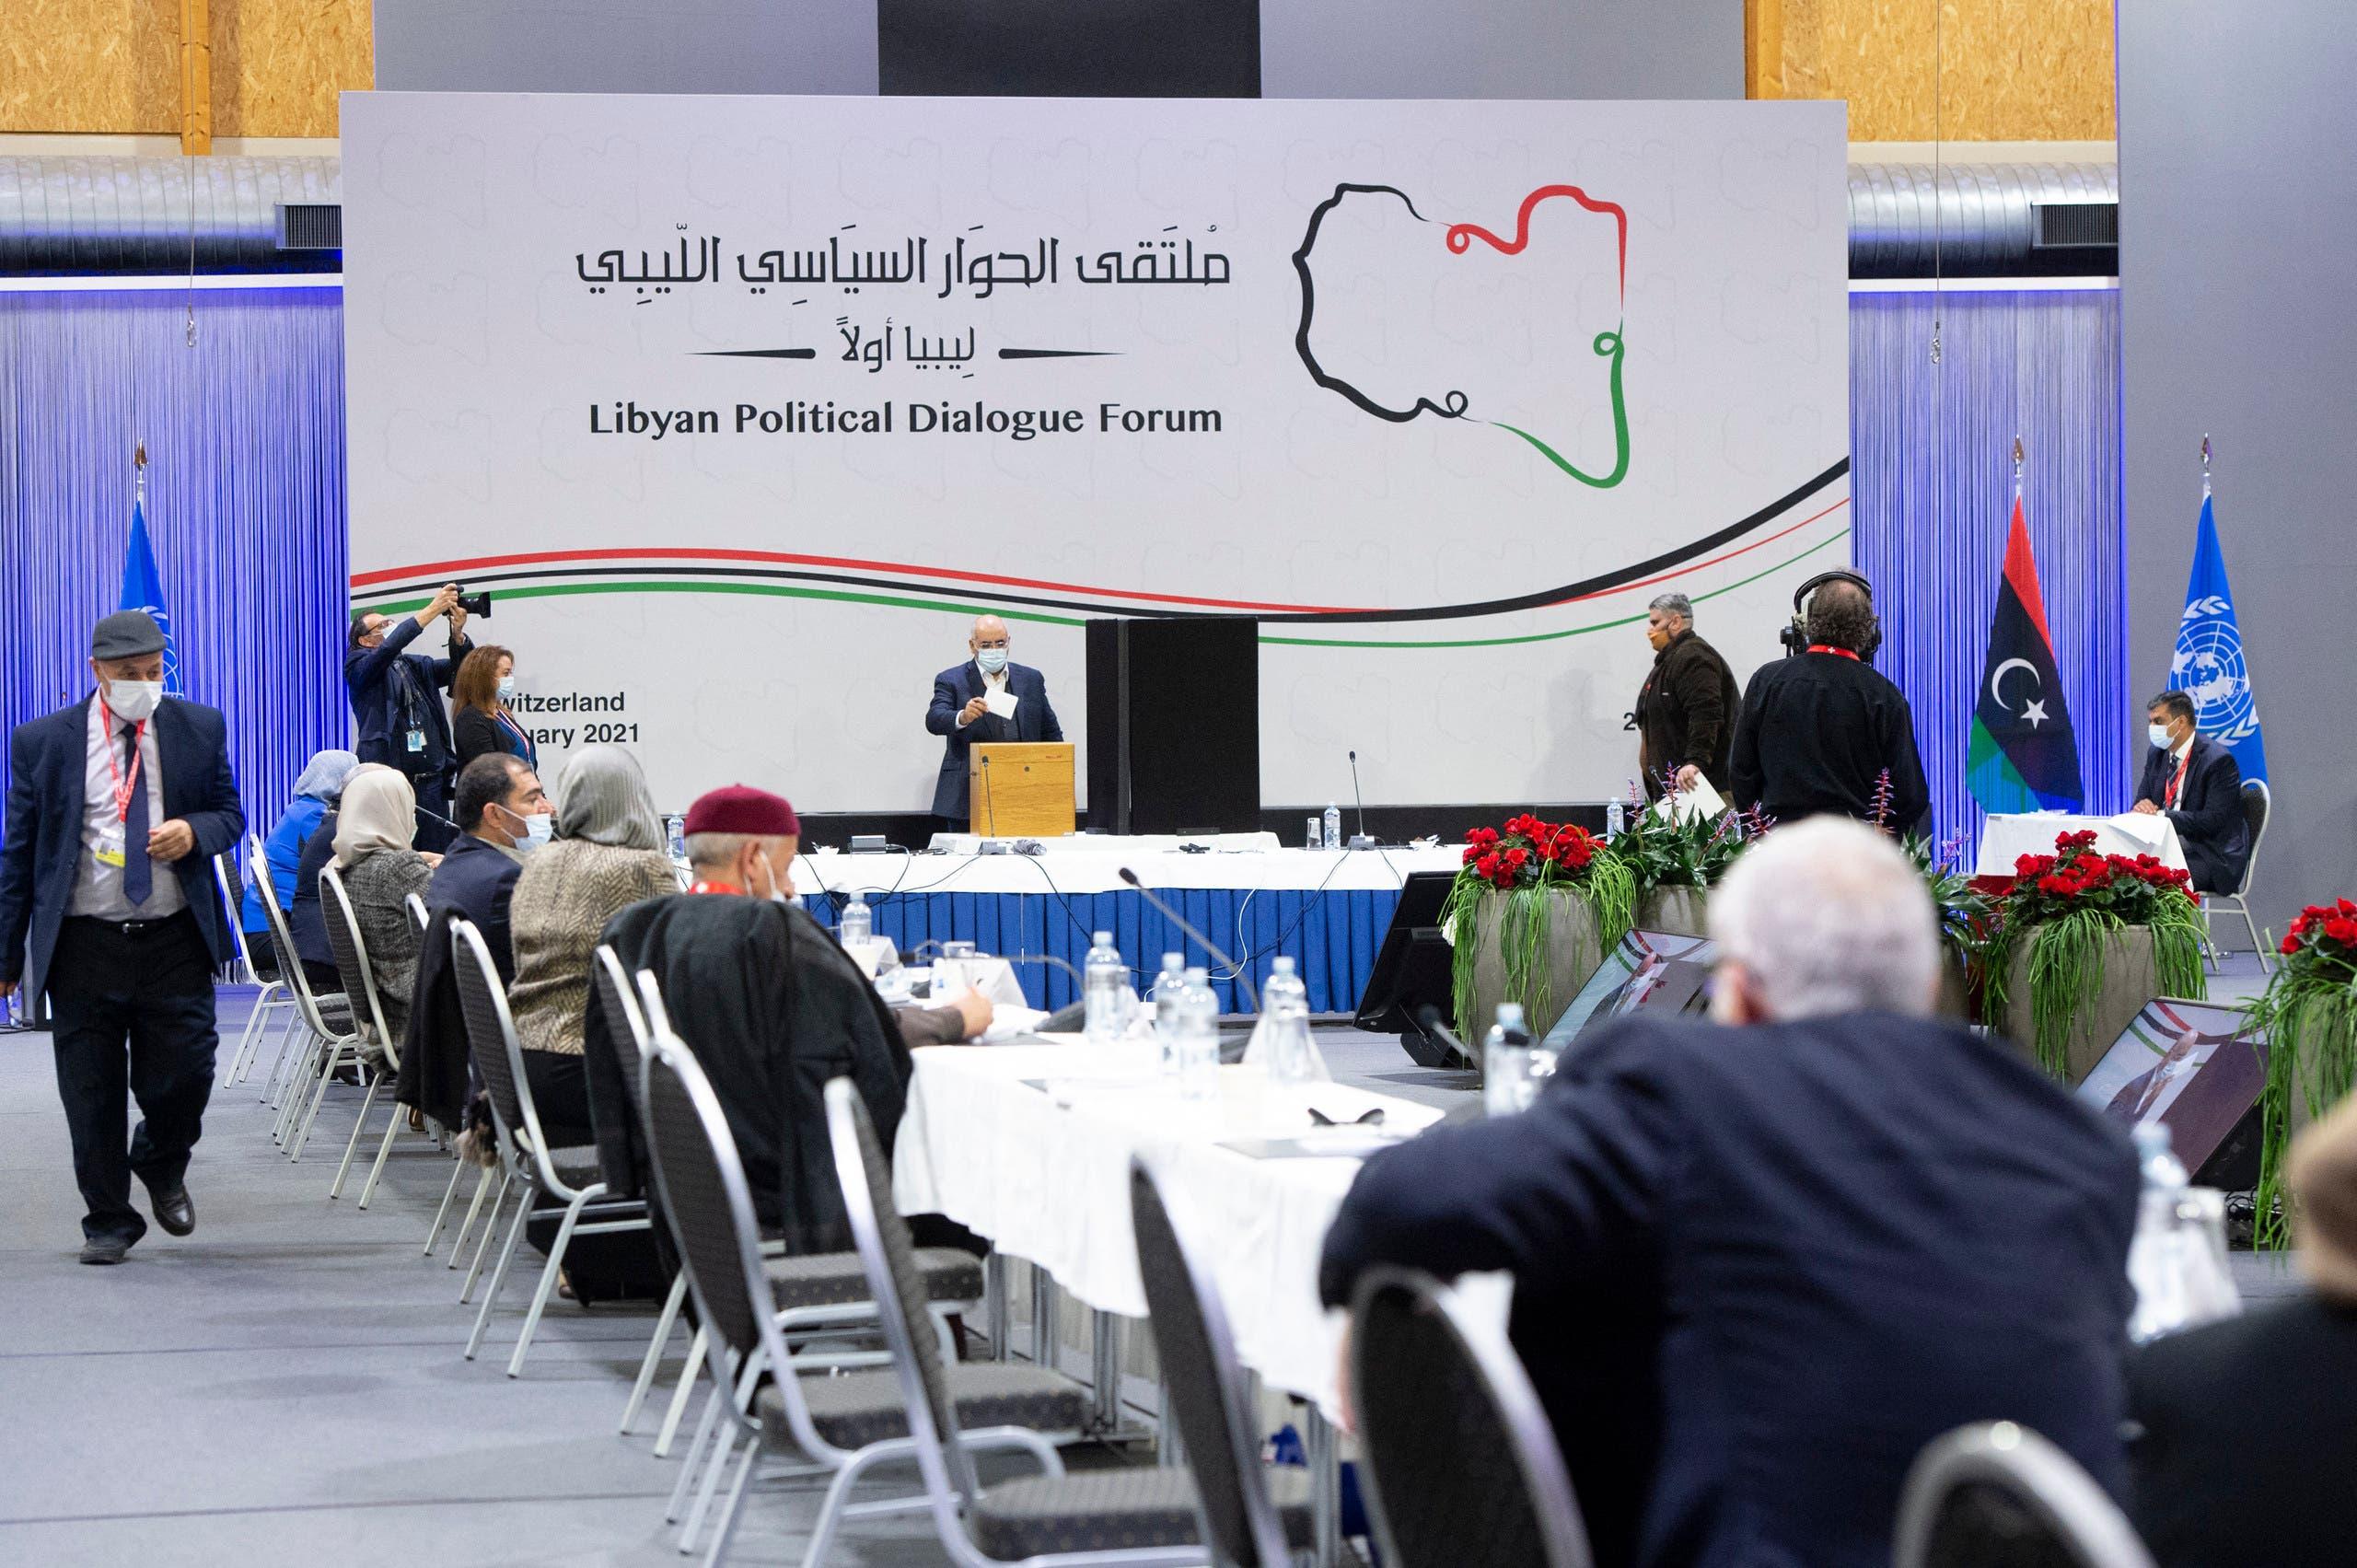 من منتدى الحوار السياسي الليبي في جنيف في فبراير الماضي (أرشيفية)